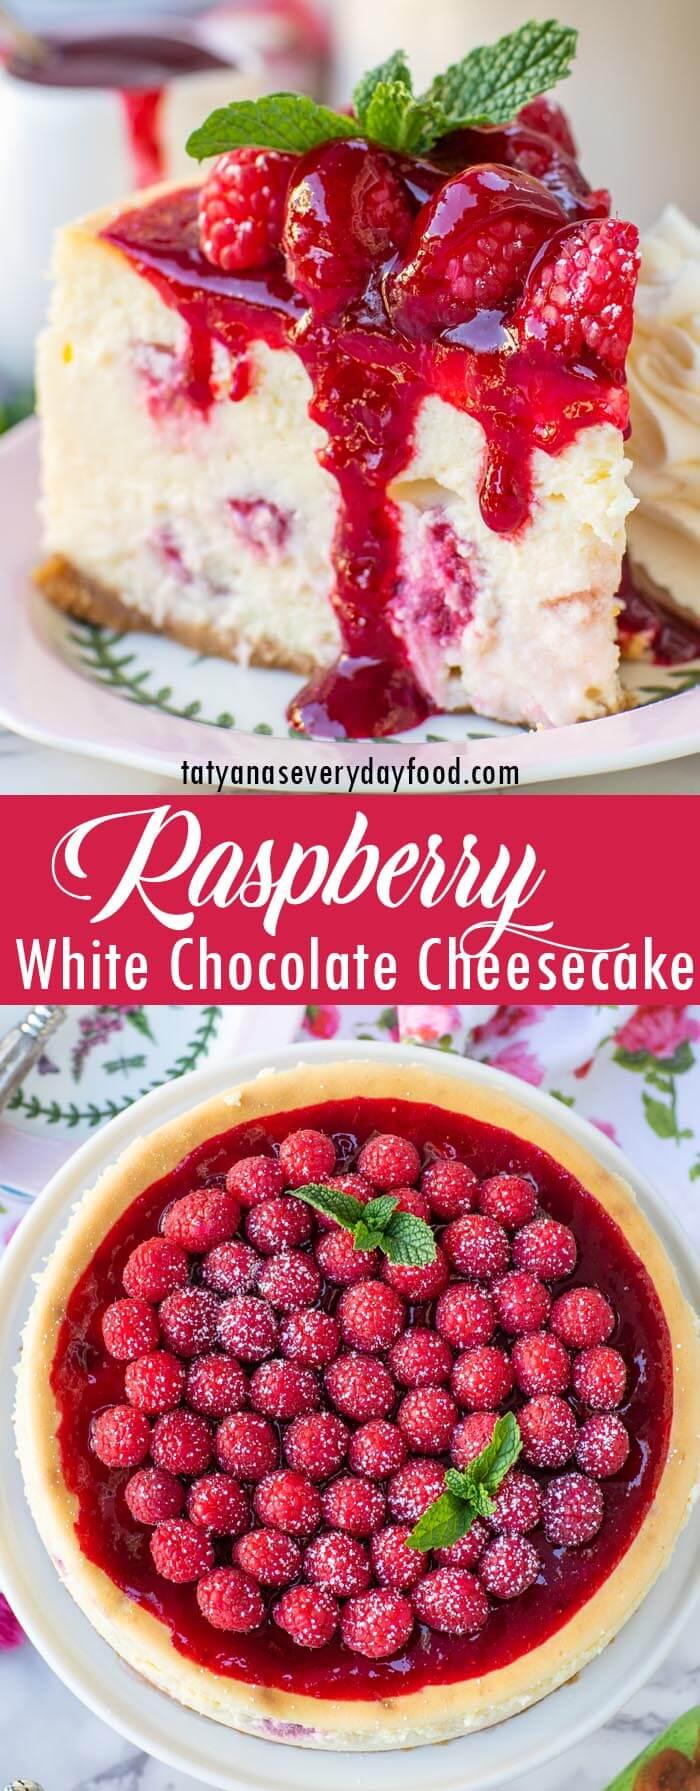 White Chocolate Raspberry Cheesecake video recipe